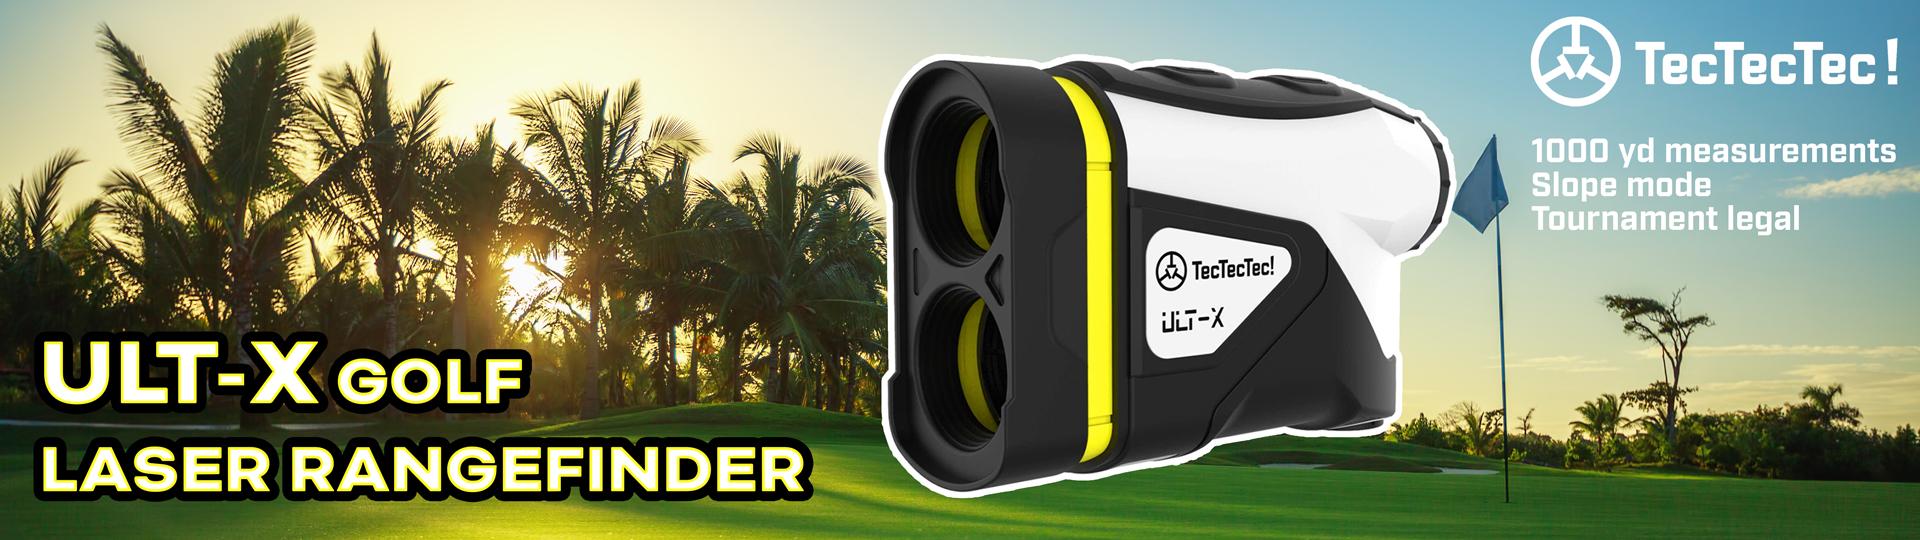 ULT-X Slide Banner Rangefinder TecTecTec